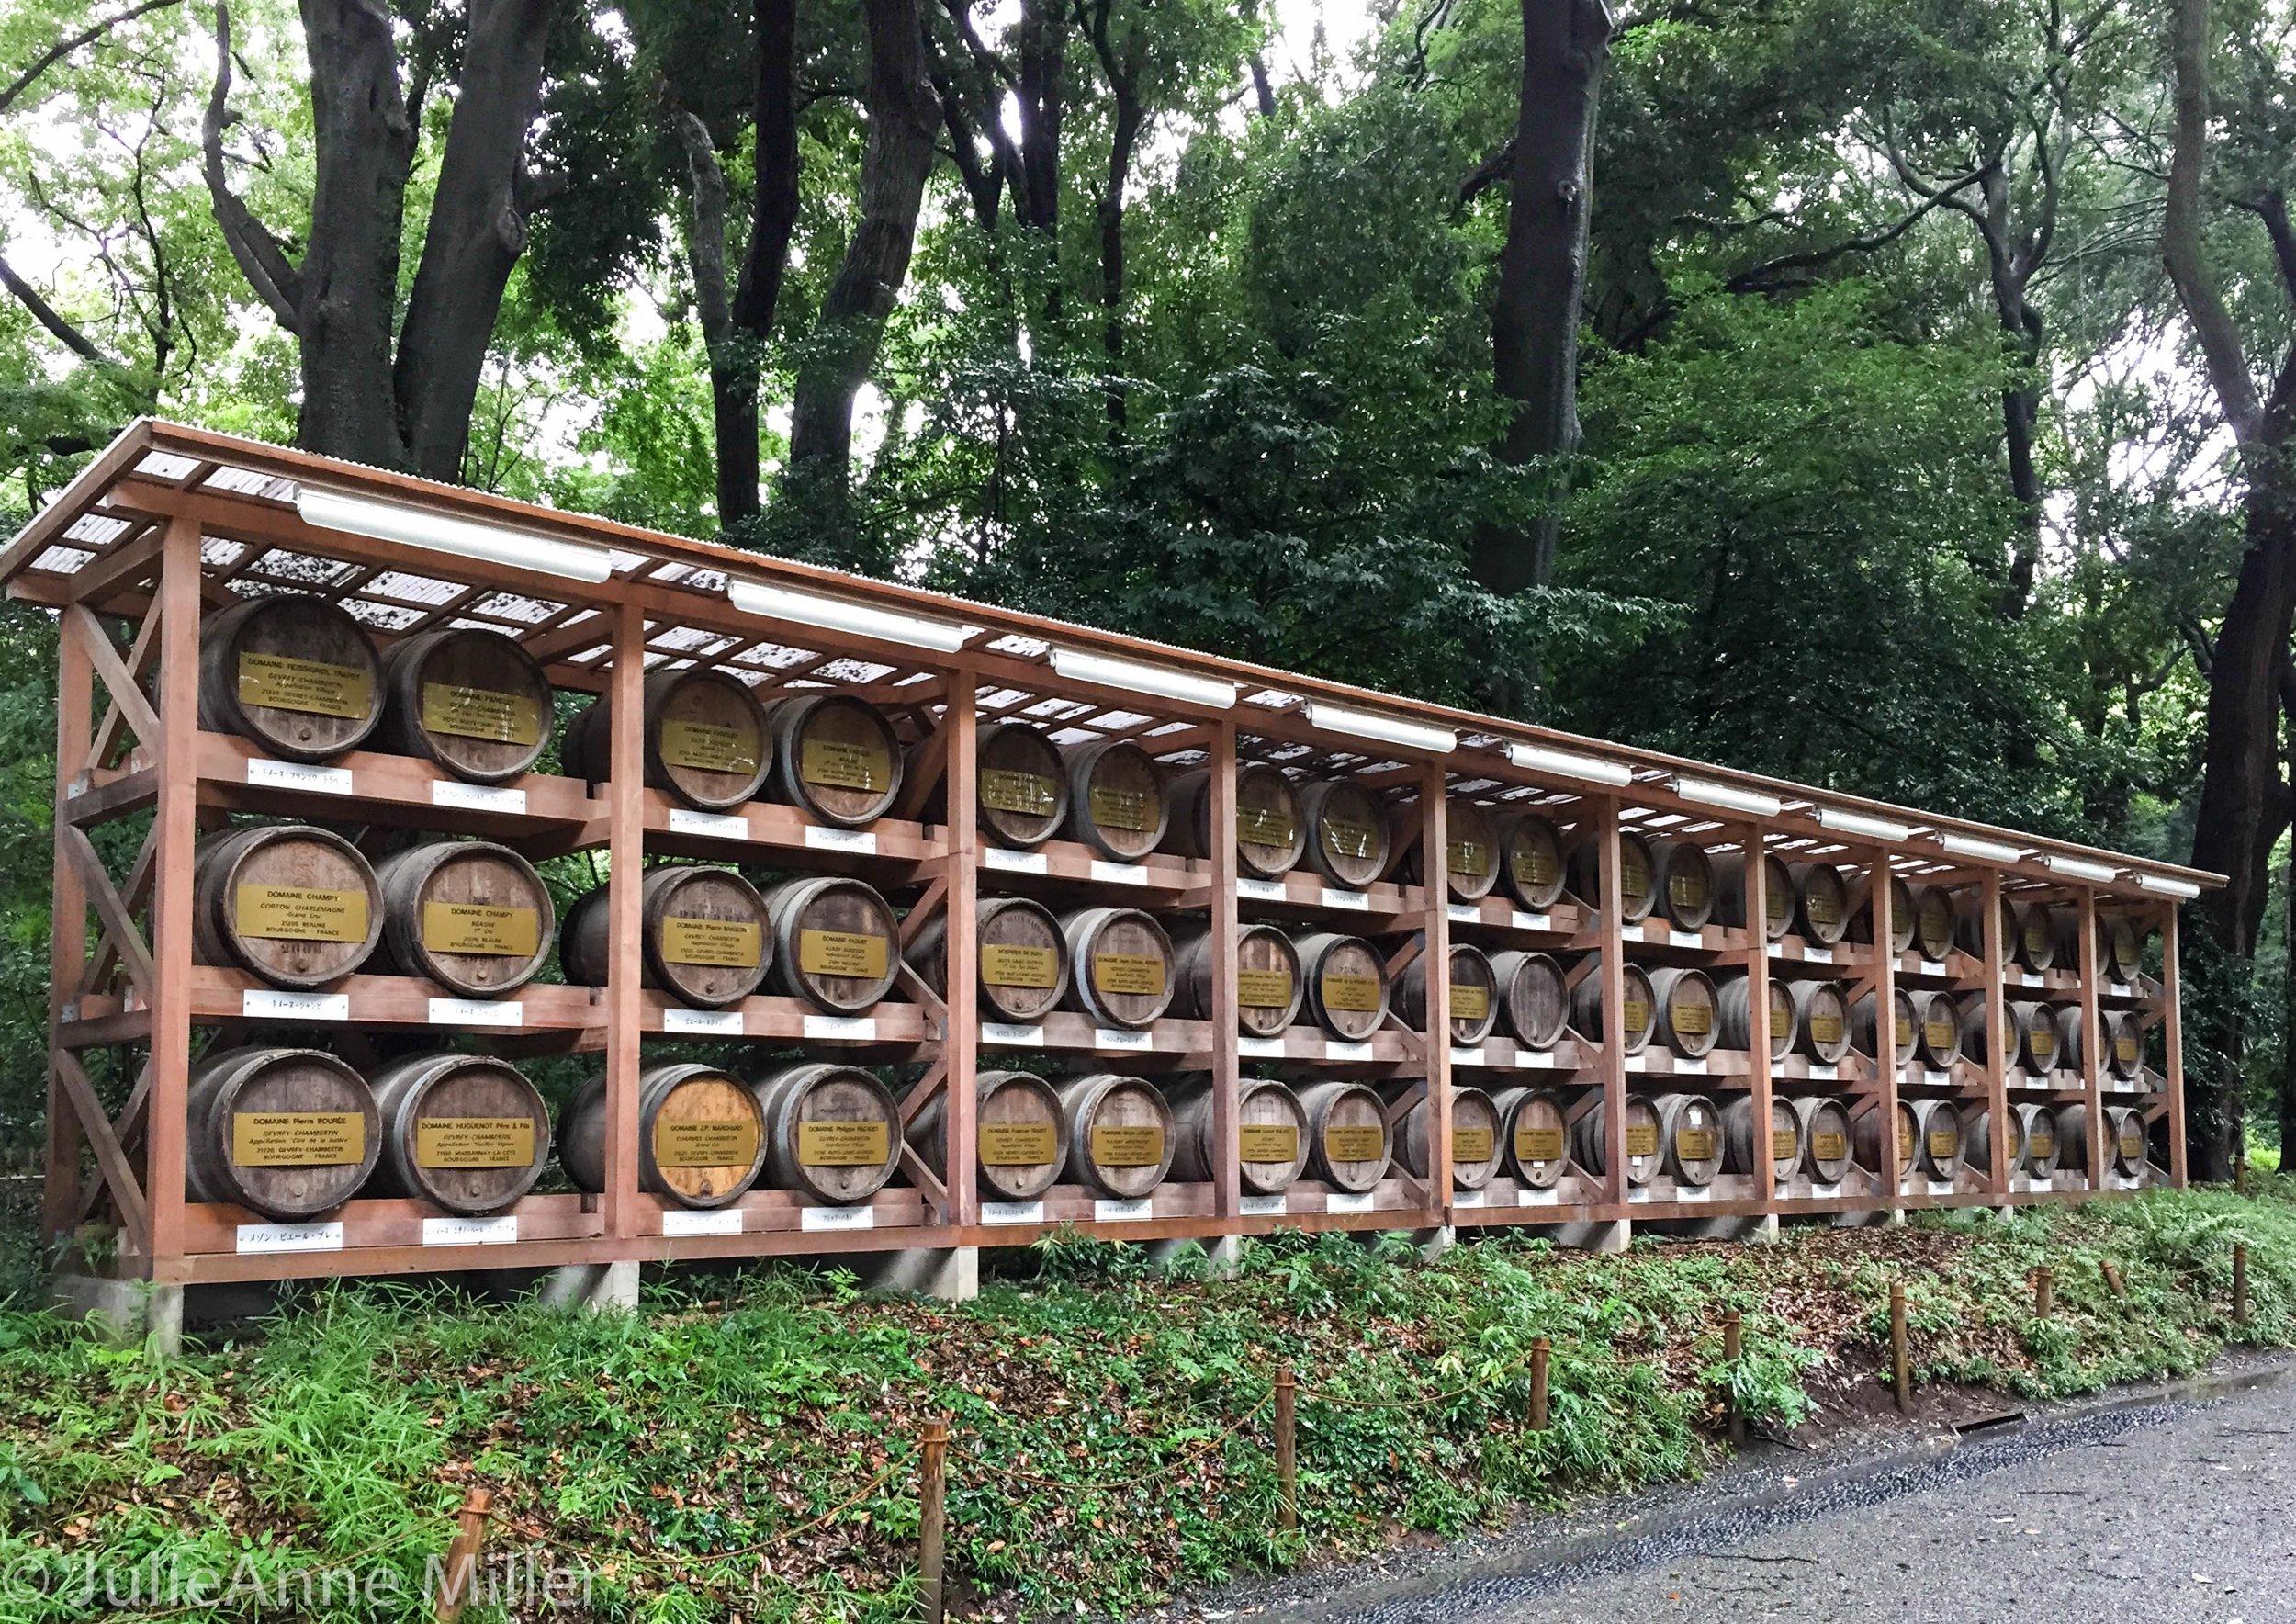 Wine caskets